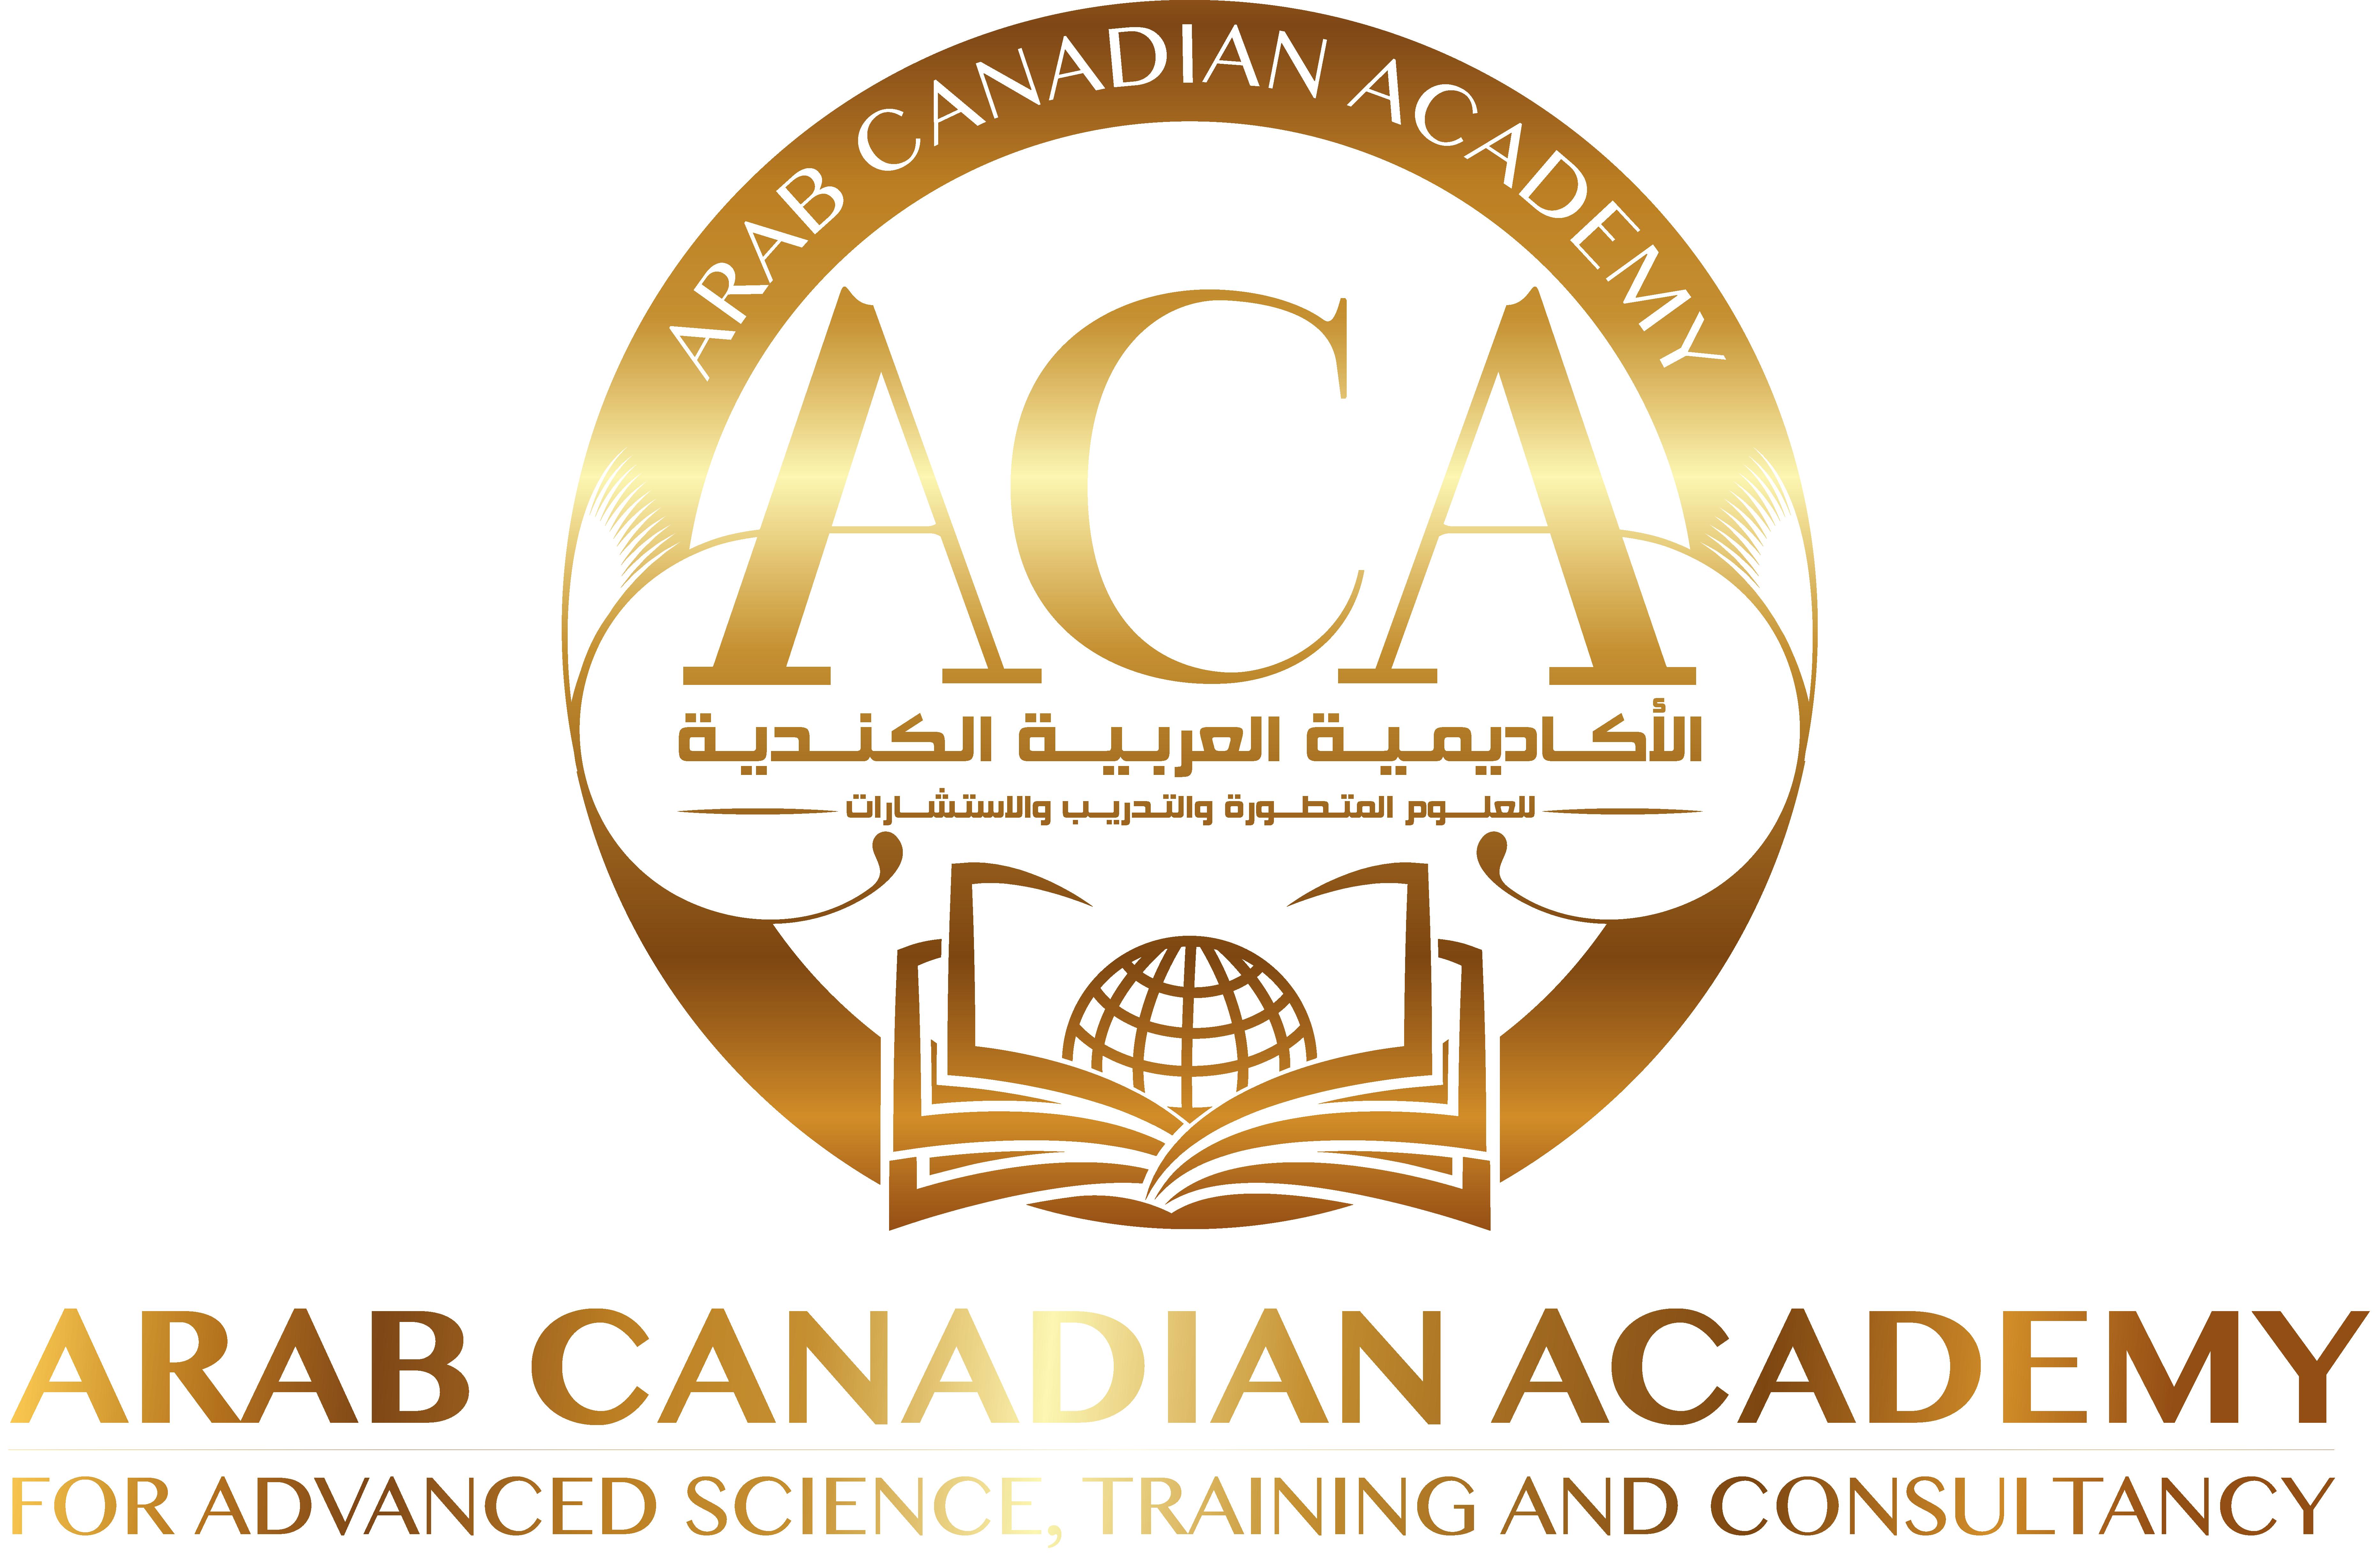 الأكاديمية الكندية